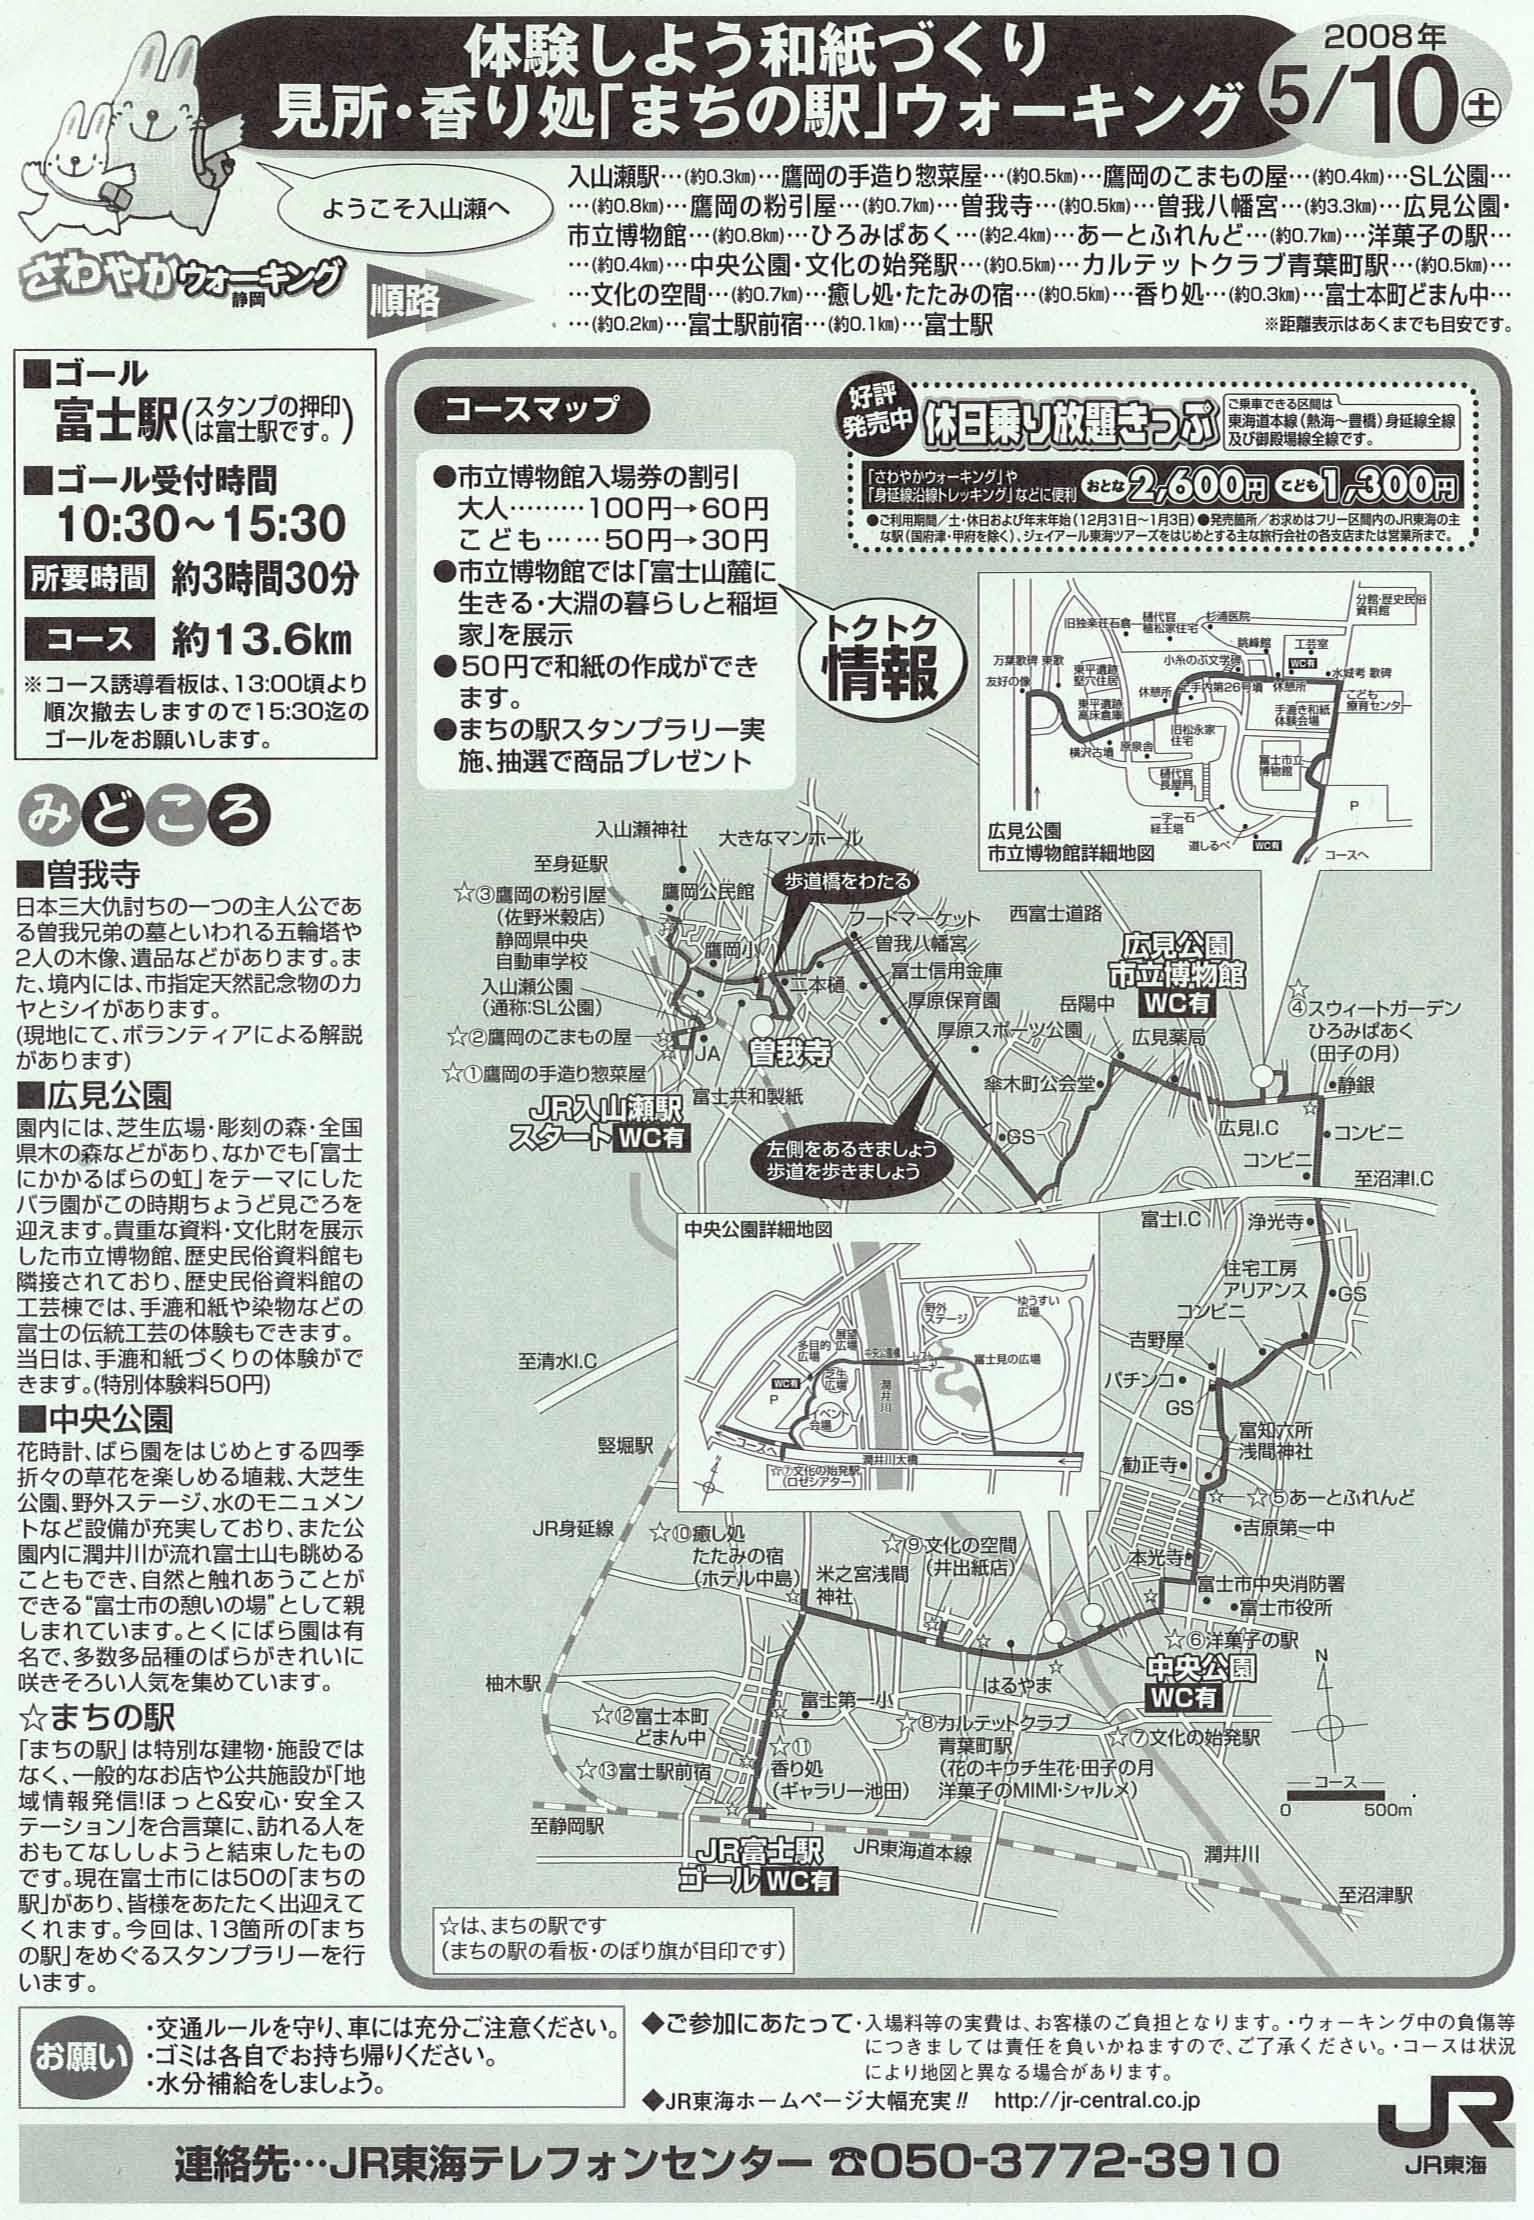 JRさわやかウォーキングで「まちの駅」を巡りました。_f0141310_22411431.jpg